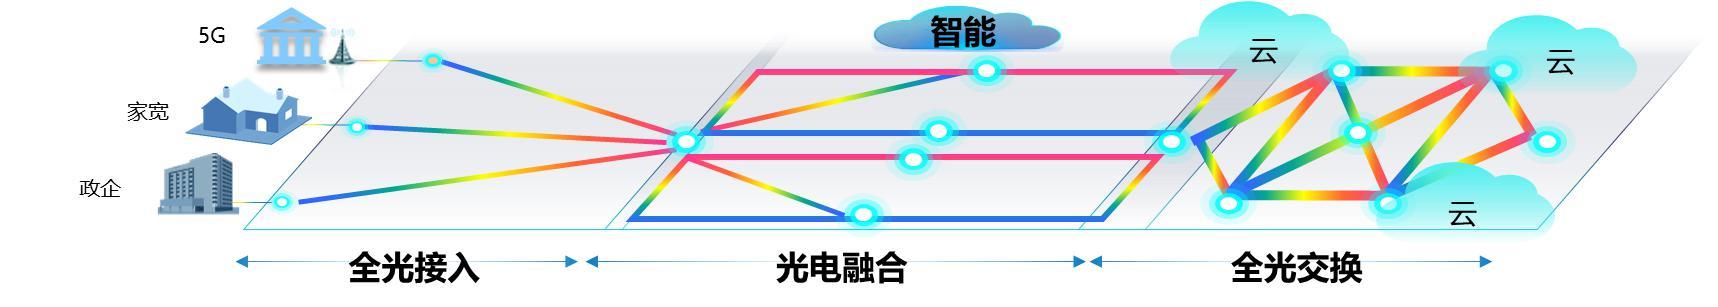 """广东电信携手华为打造""""广深""""湾区超高速""""光引擎"""""""